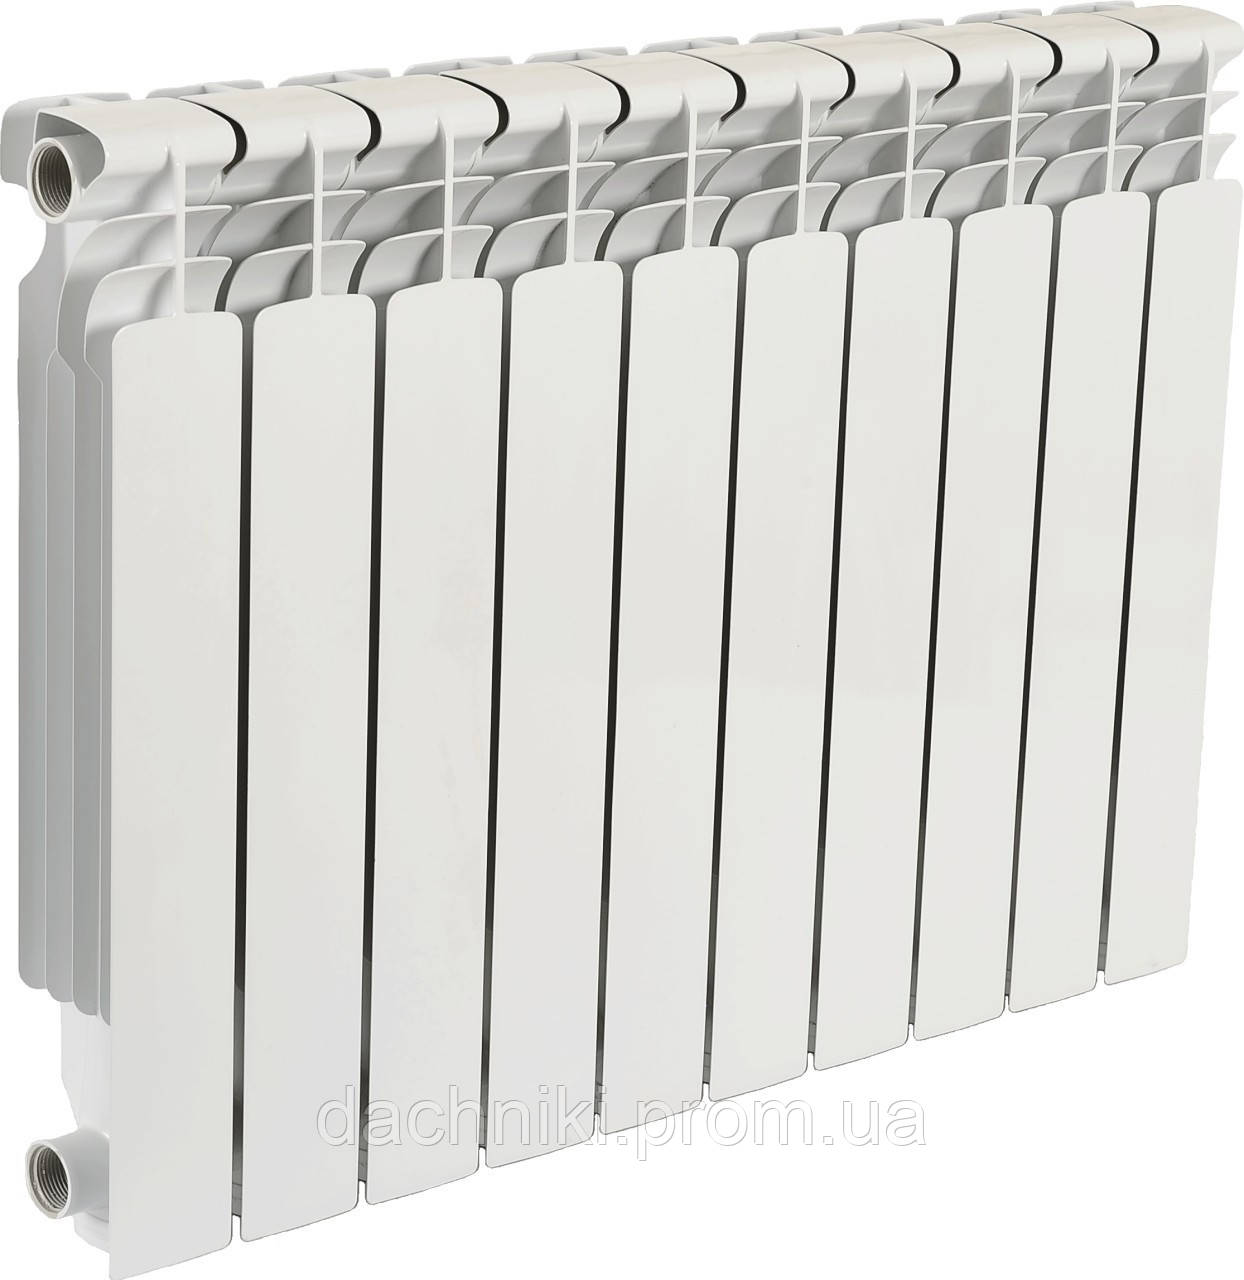 Биметаллический радиатор Marek Titan 500х96 Польша